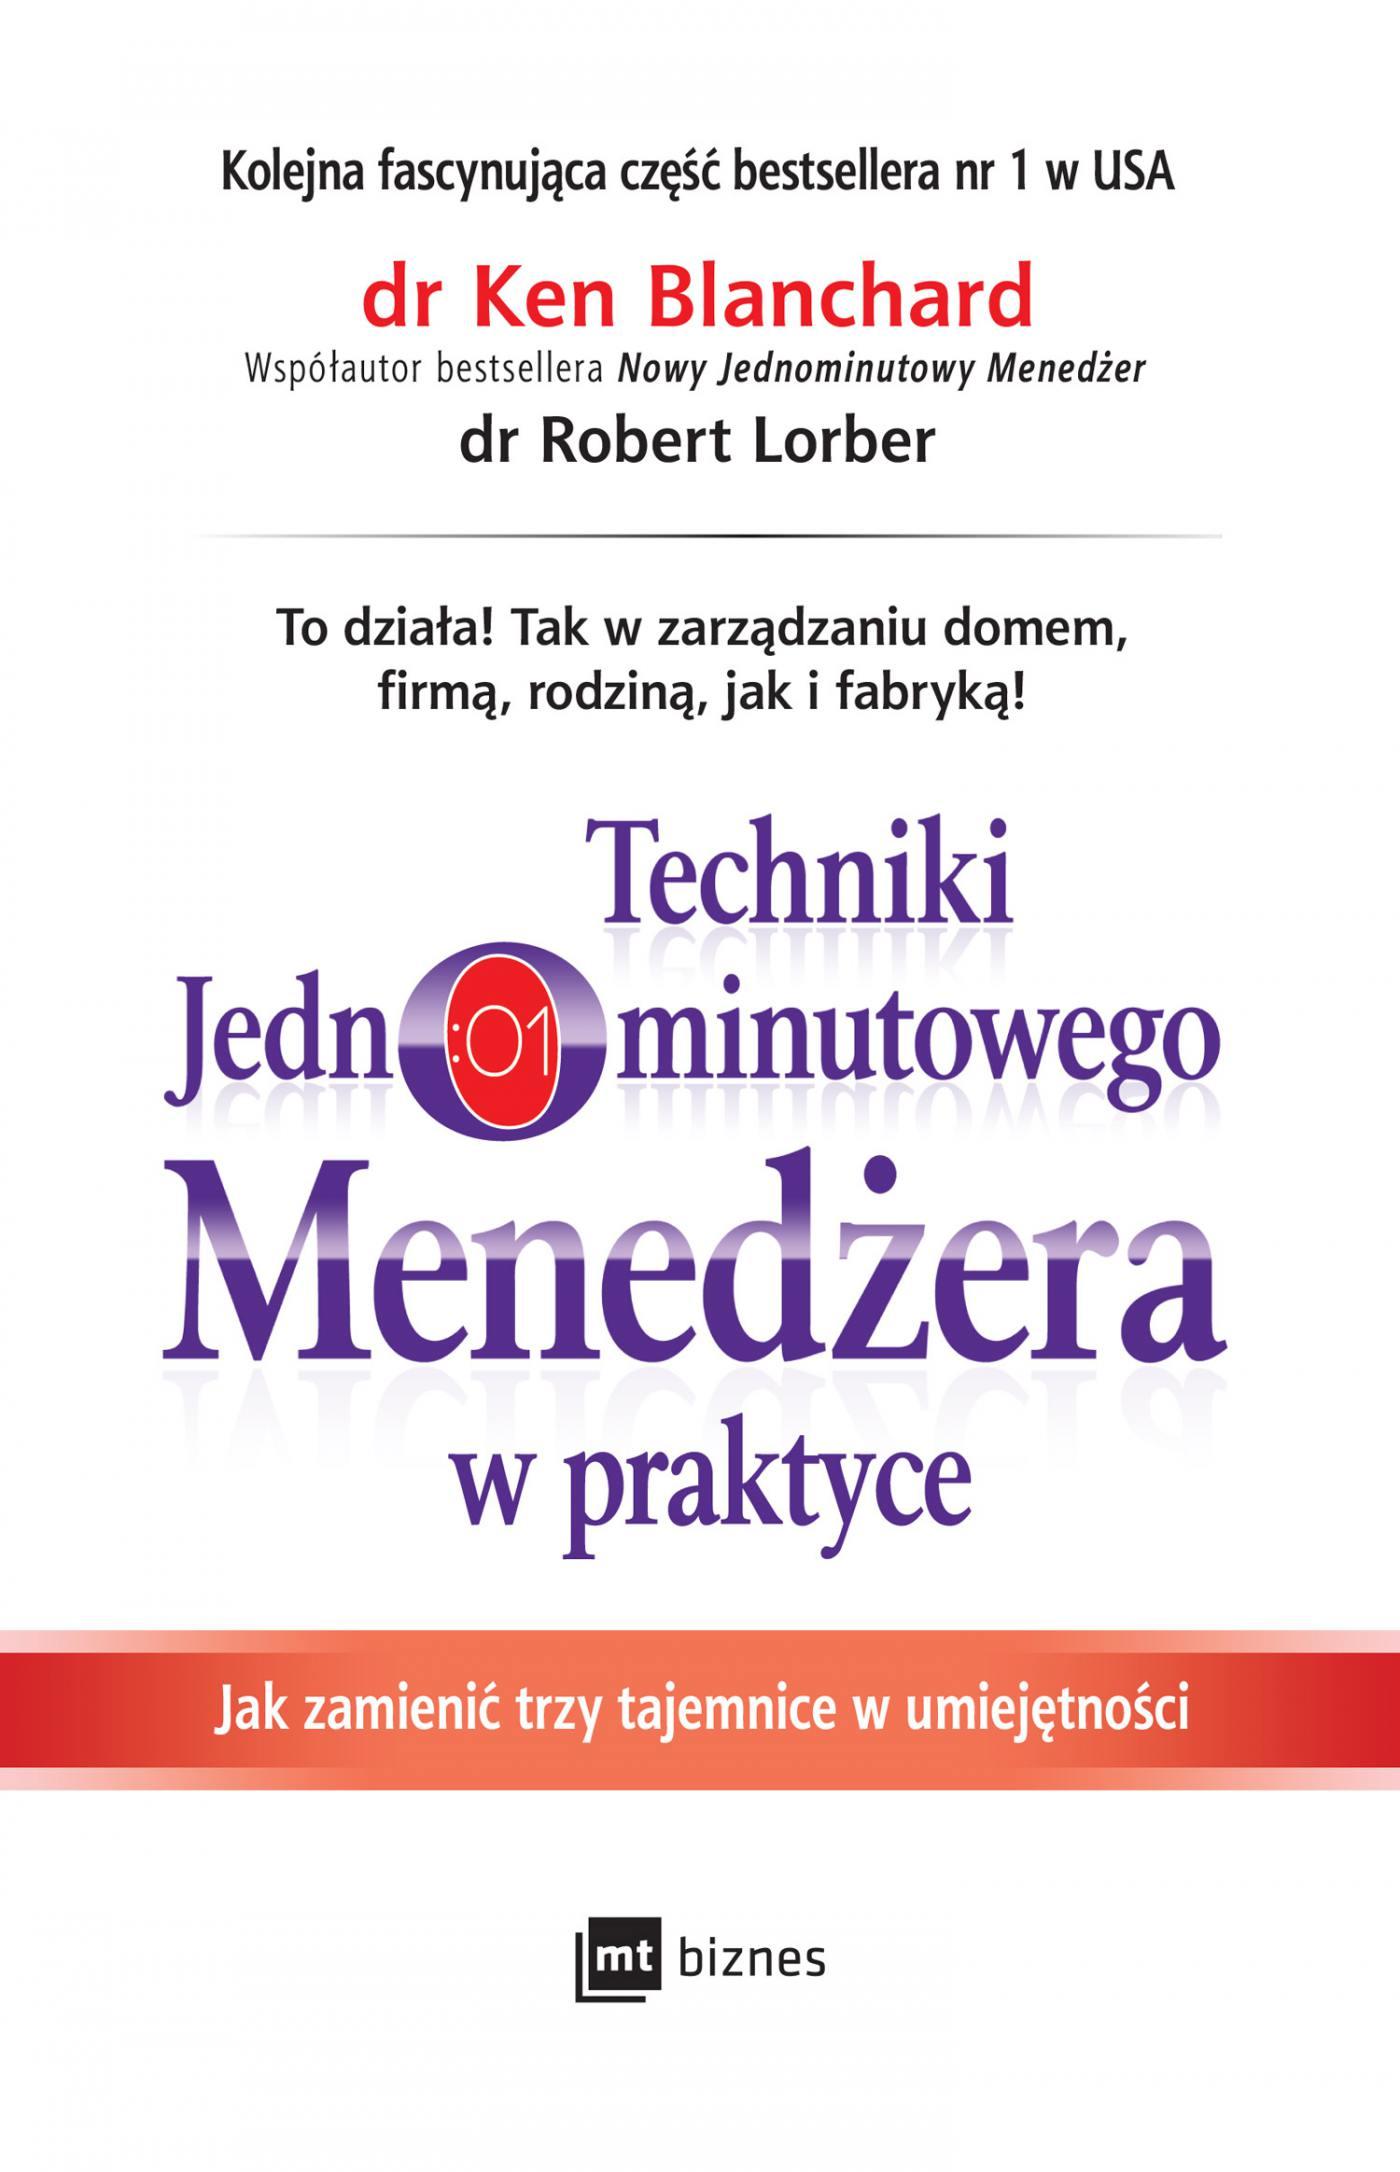 Techniki Jednominutowego Menedżera w praktyce - Ebook (Książka EPUB) do pobrania w formacie EPUB